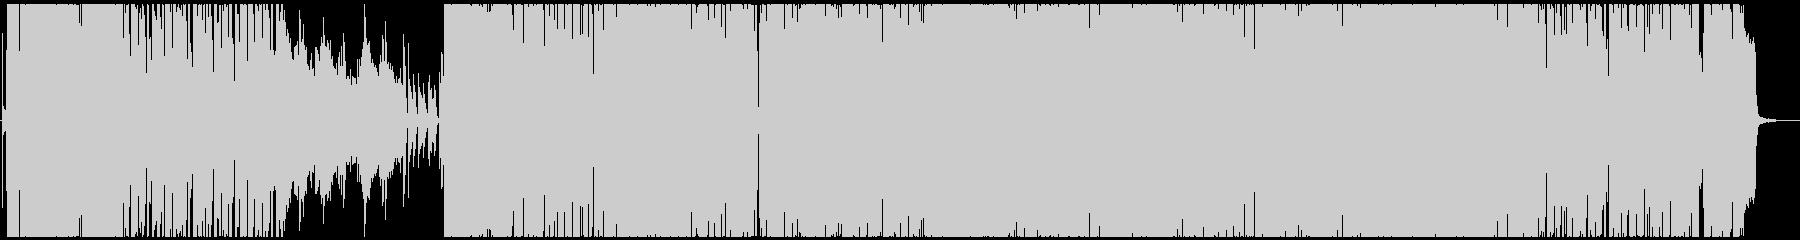 エレクトロとロックの融合の未再生の波形